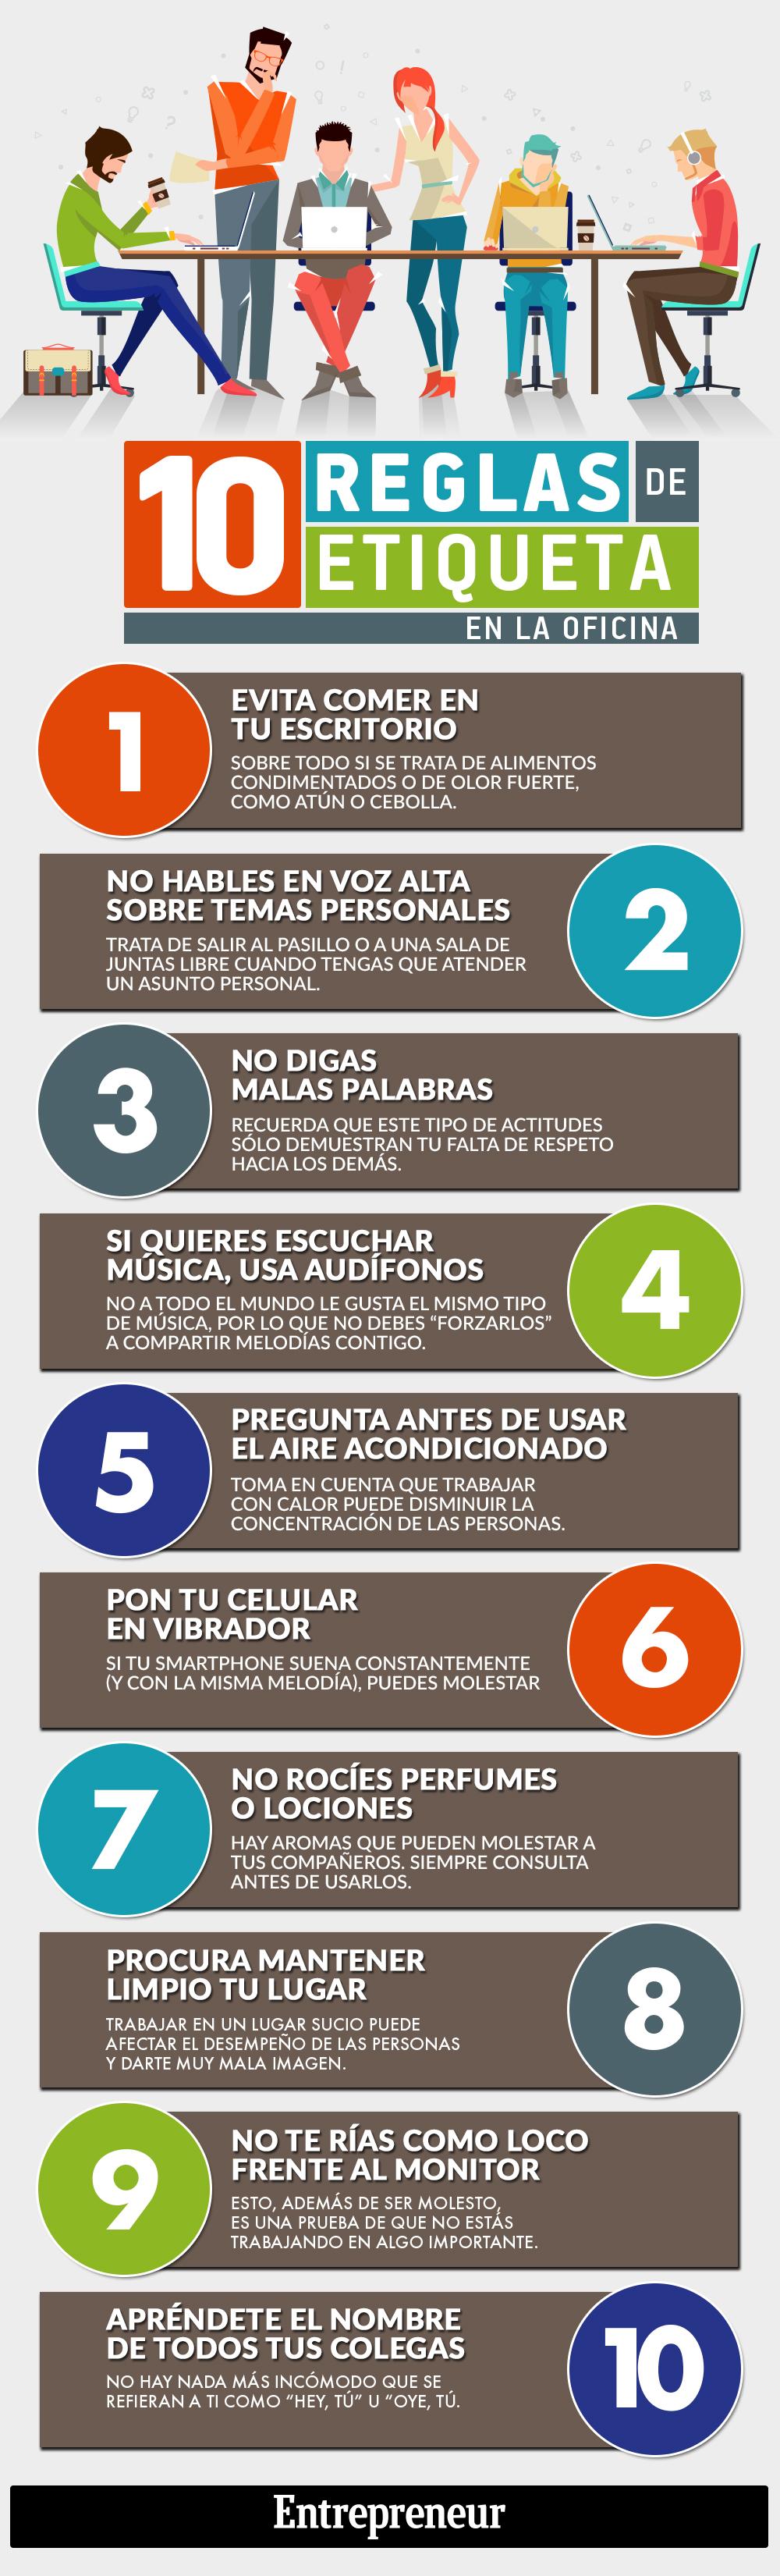 10 reglas de etiqueta en la oficina infografia for Una cenicienta en la oficina